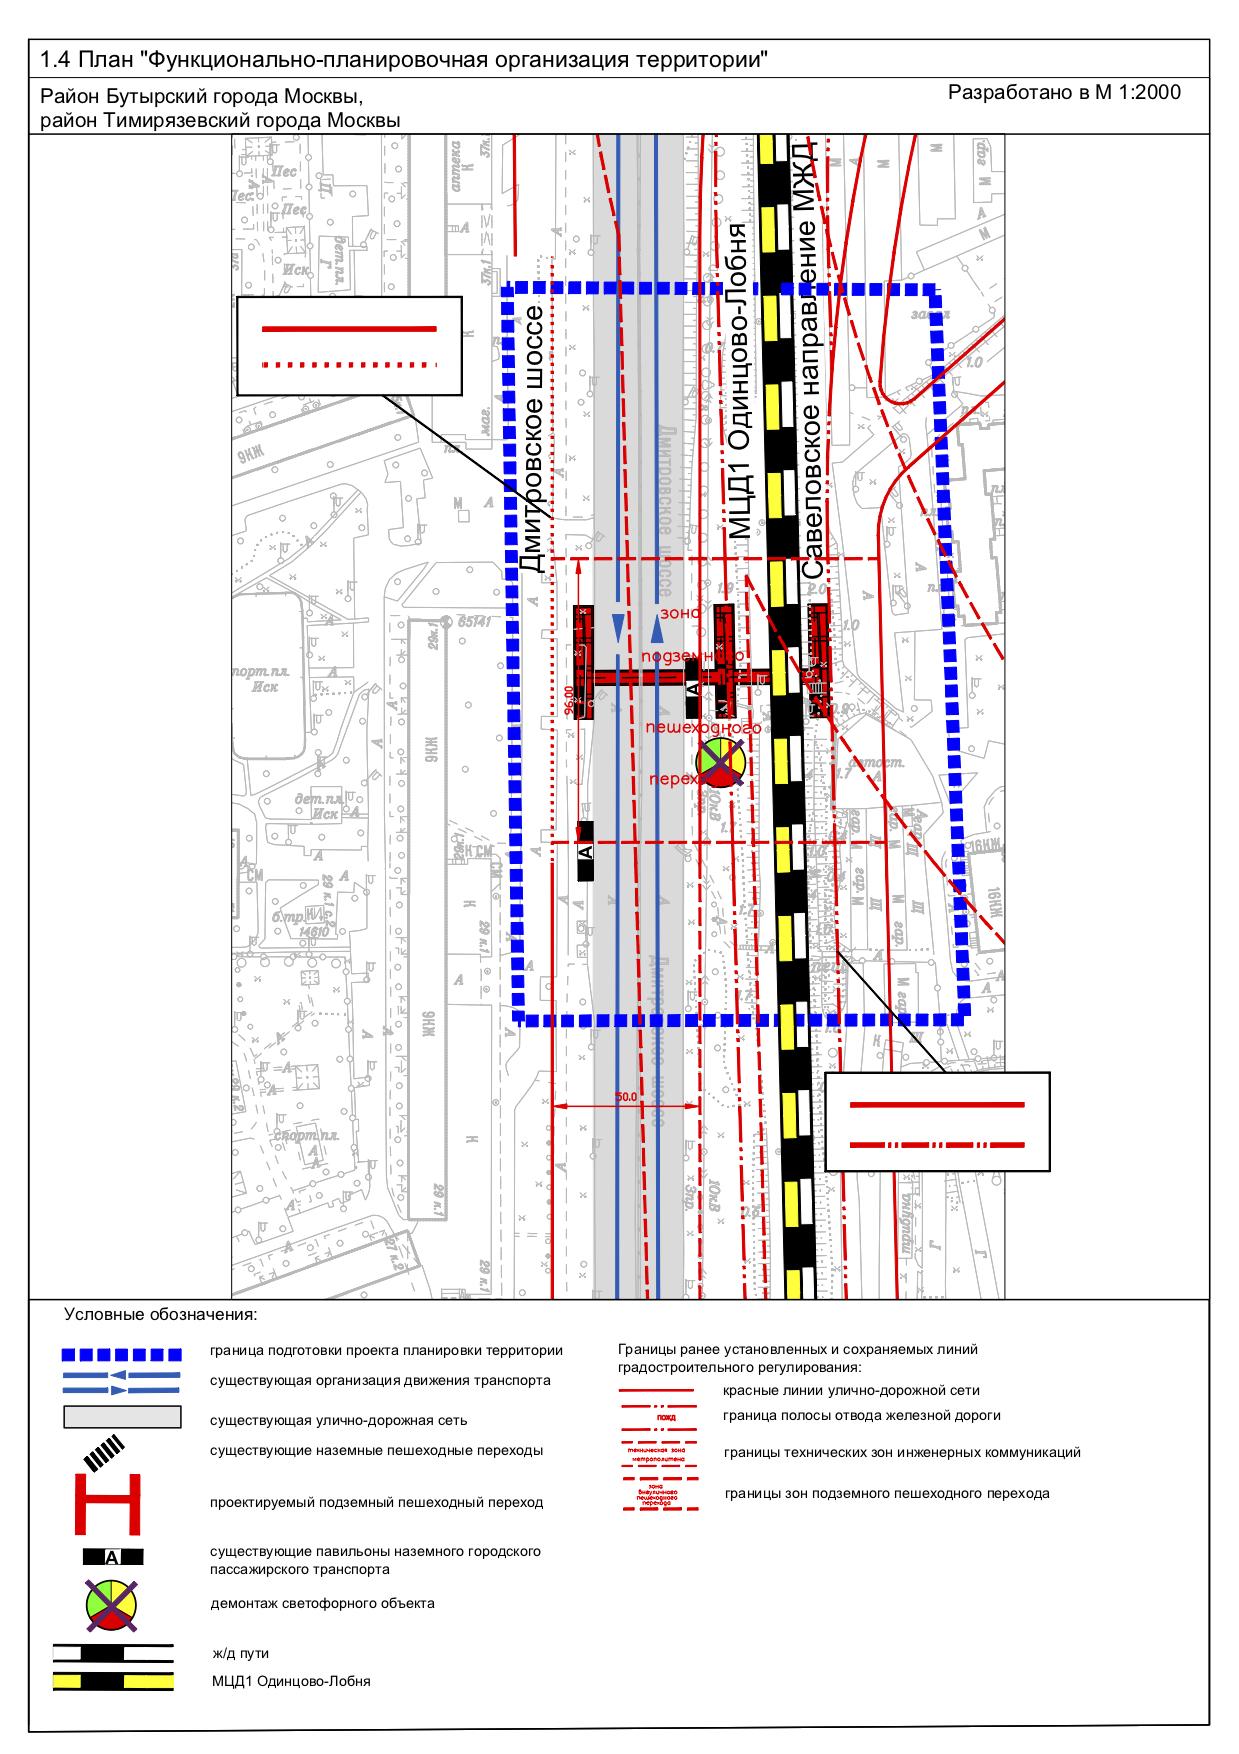 14. Проект подземного пешеходного перехода под Дмитровским шоссе в районе дома 29. 2019 год